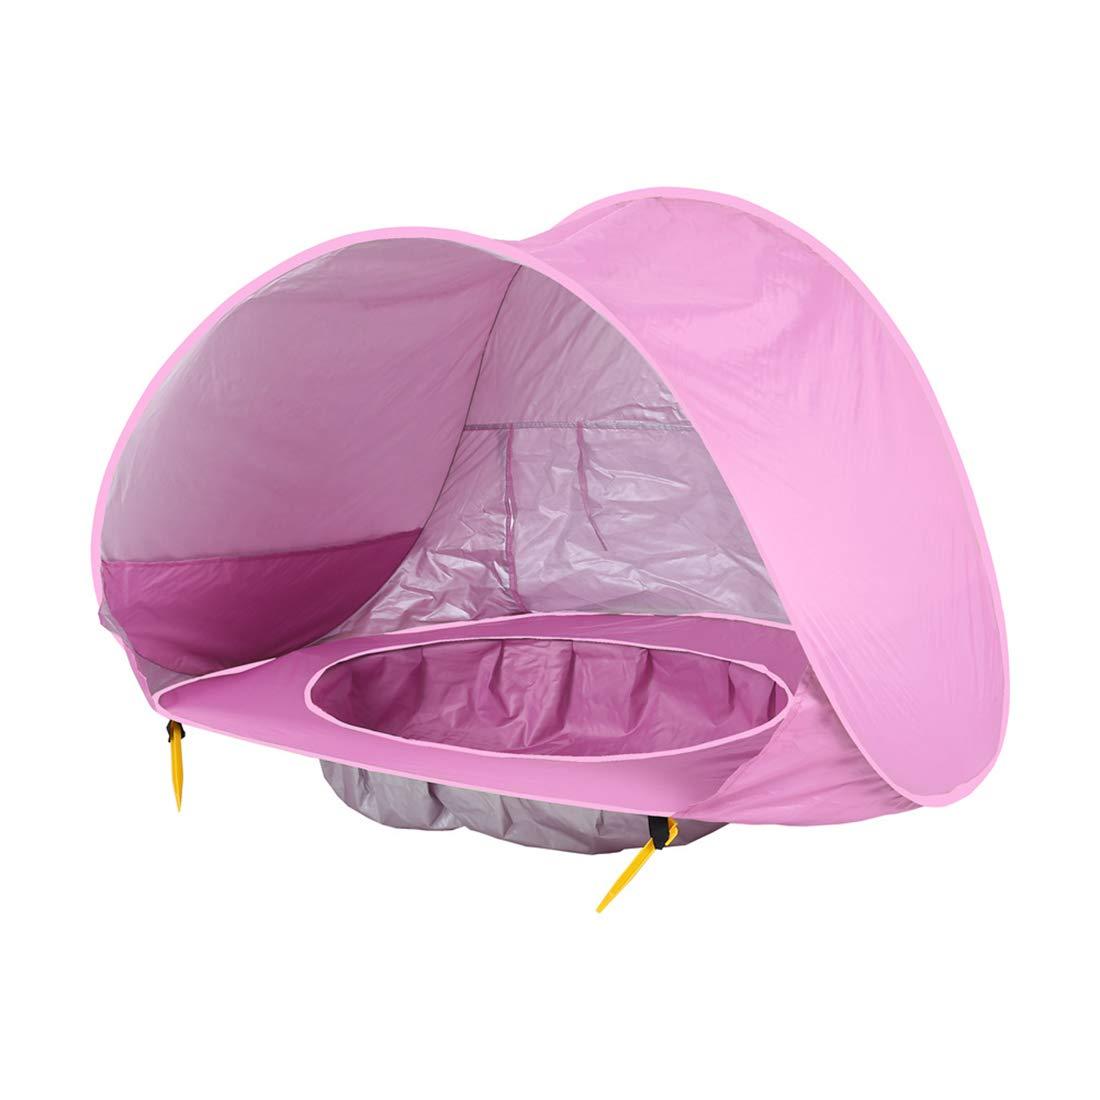 Igspfbjn Juego para niños Carpa Océano Al Aire Libre Protección Solar Piscina Playa Castillo Casa de Juguete Casa de Juguete (Color : Azul)